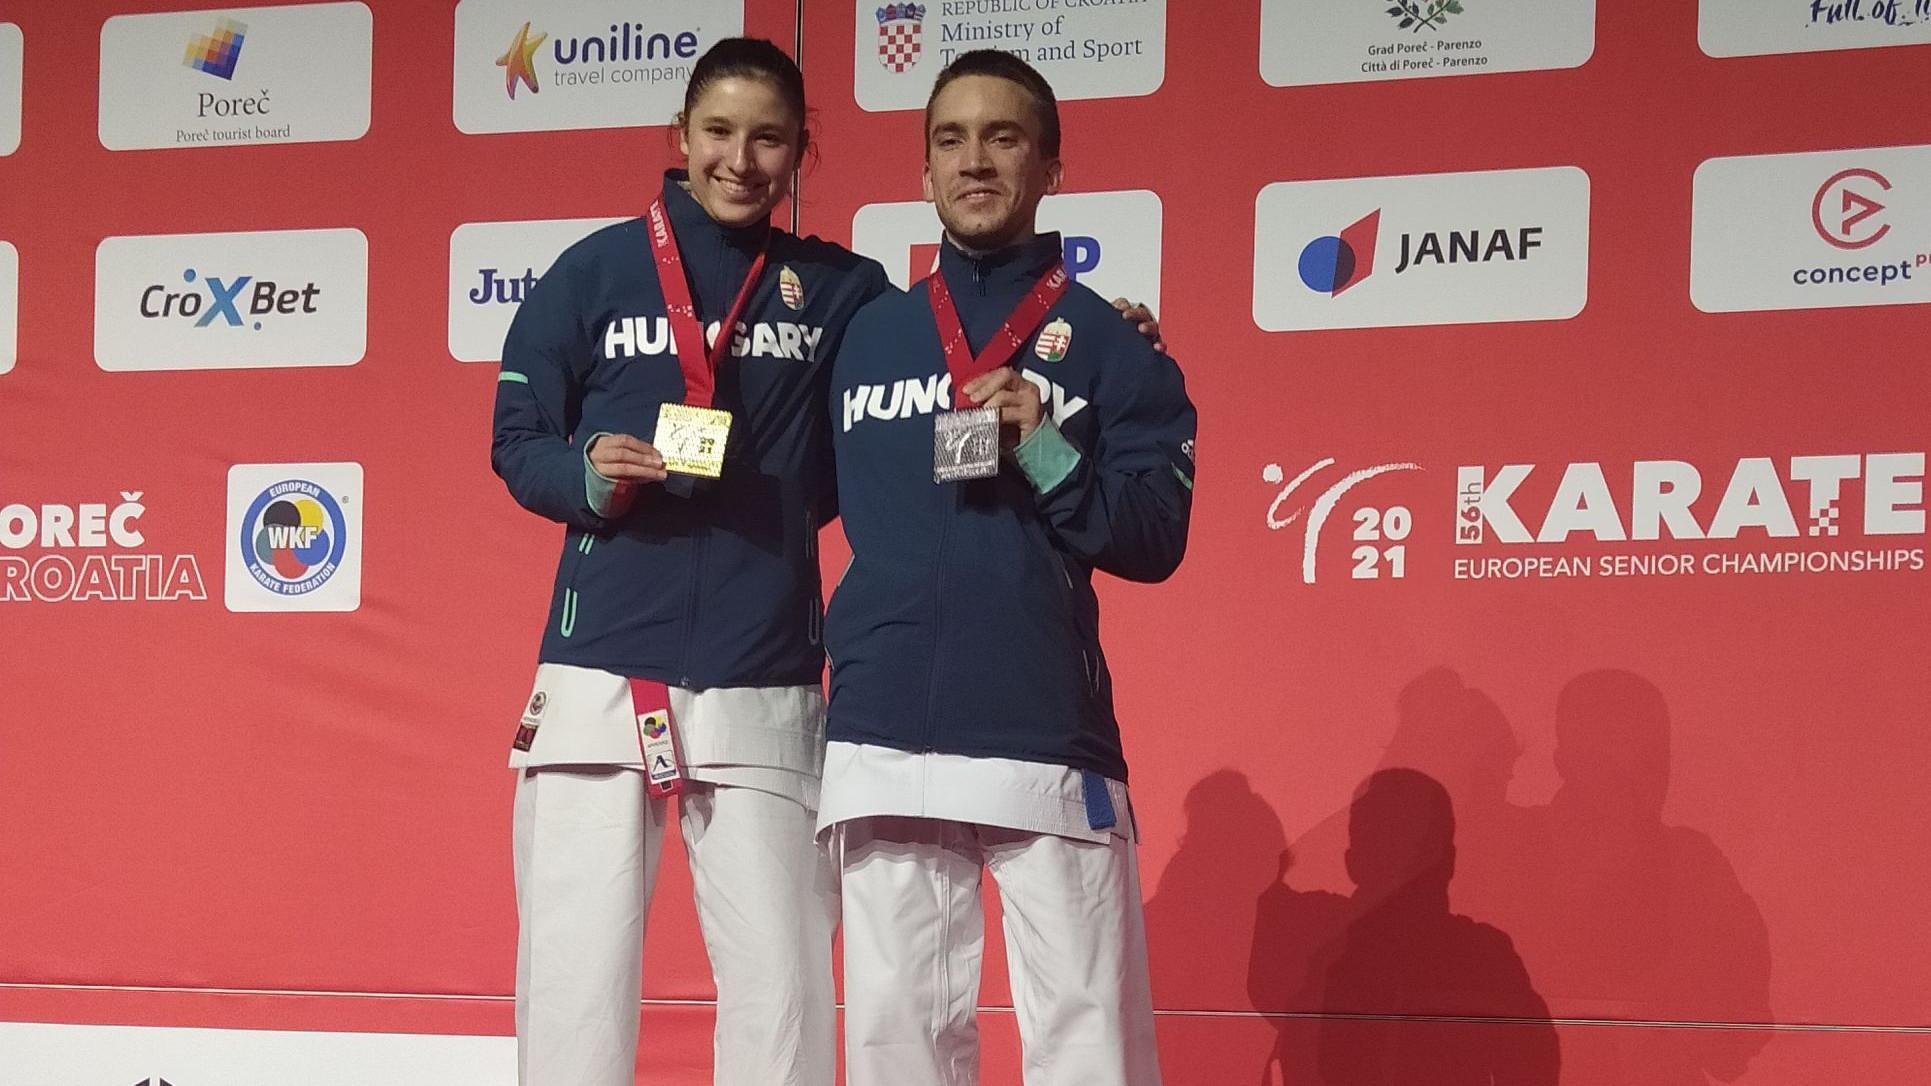 Két magyar érem a parasportolóknál az Európa-bajnokságon